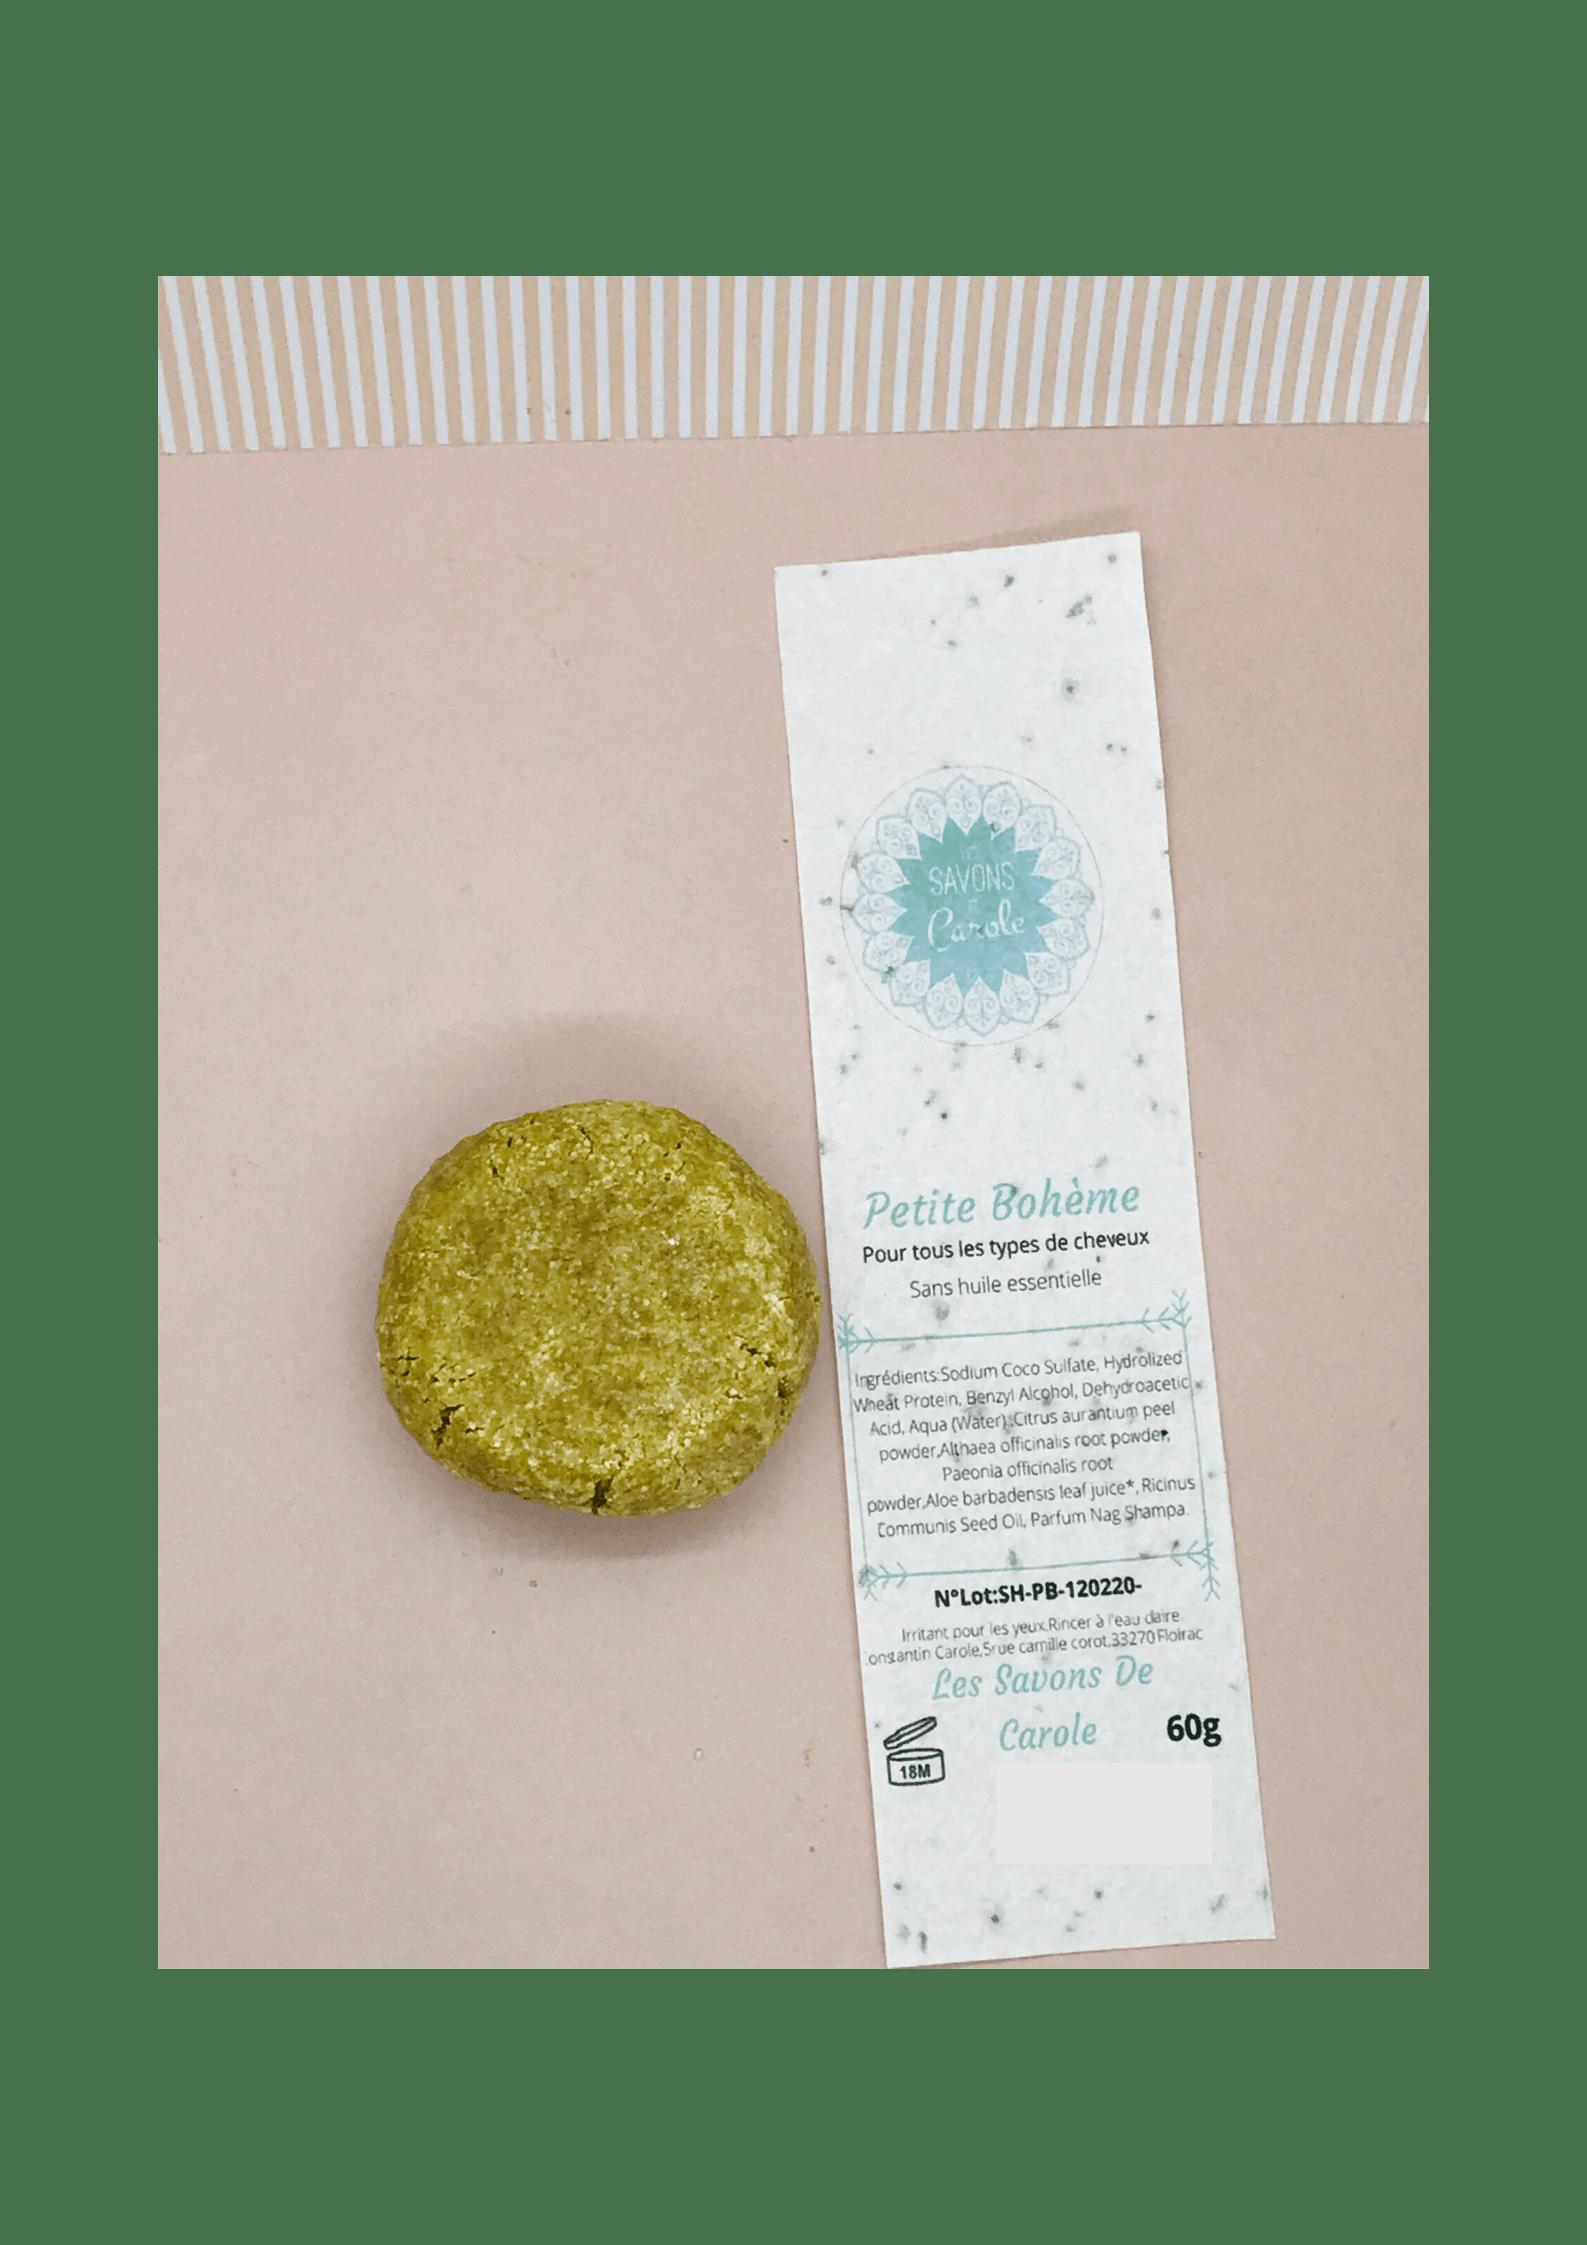 savons et emballage eco